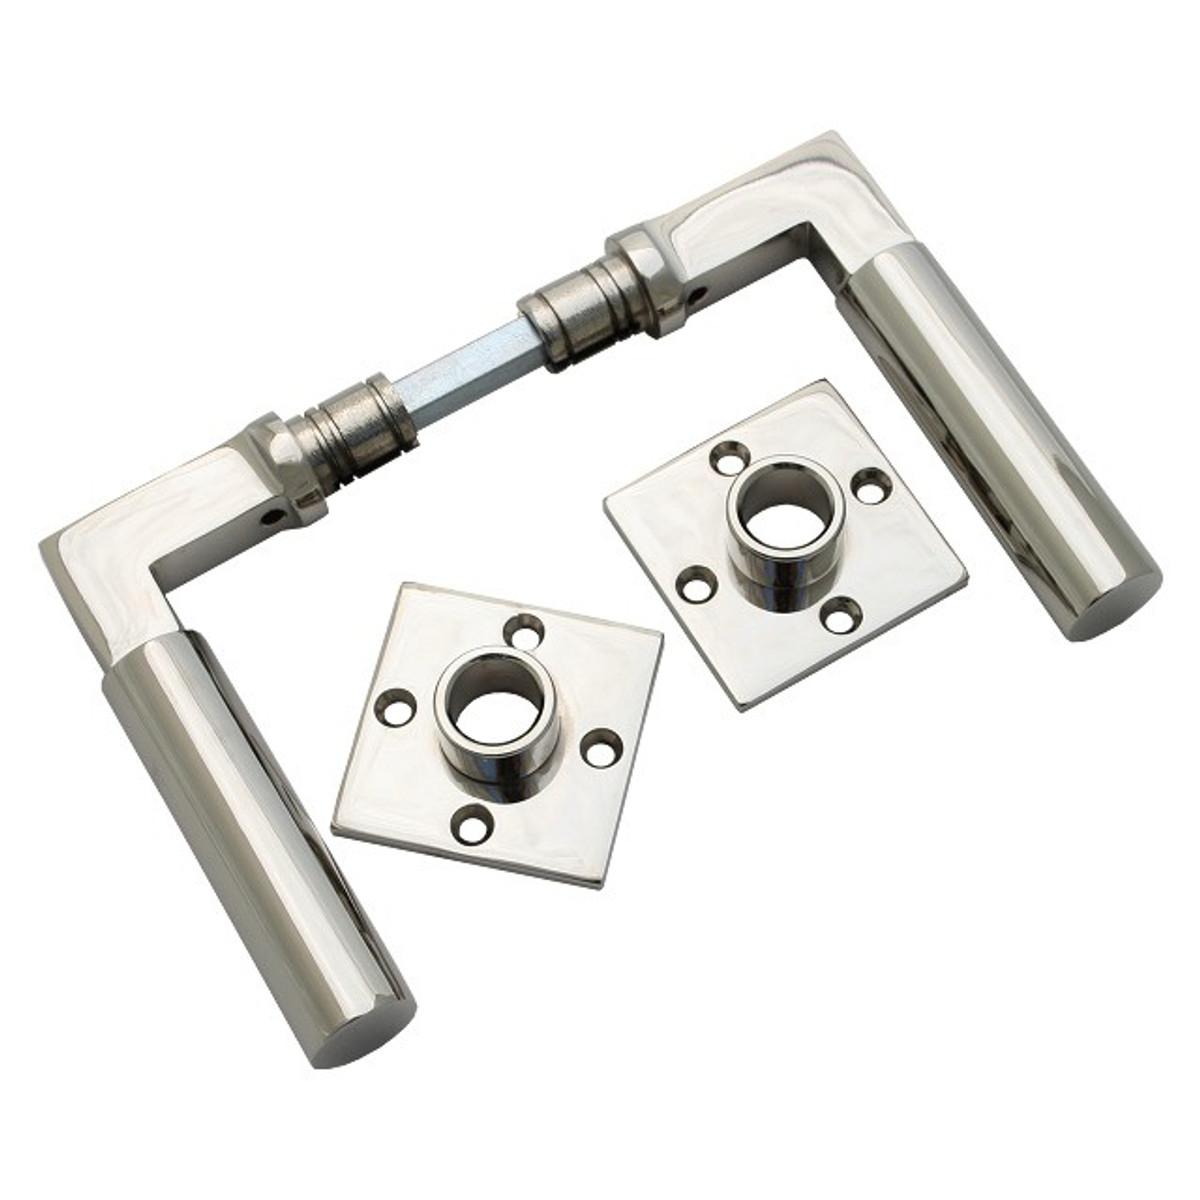 Design Türgriffe Tür Griffe Set mit Rosetten Beschlag Garnitur Hochwertig Nickel